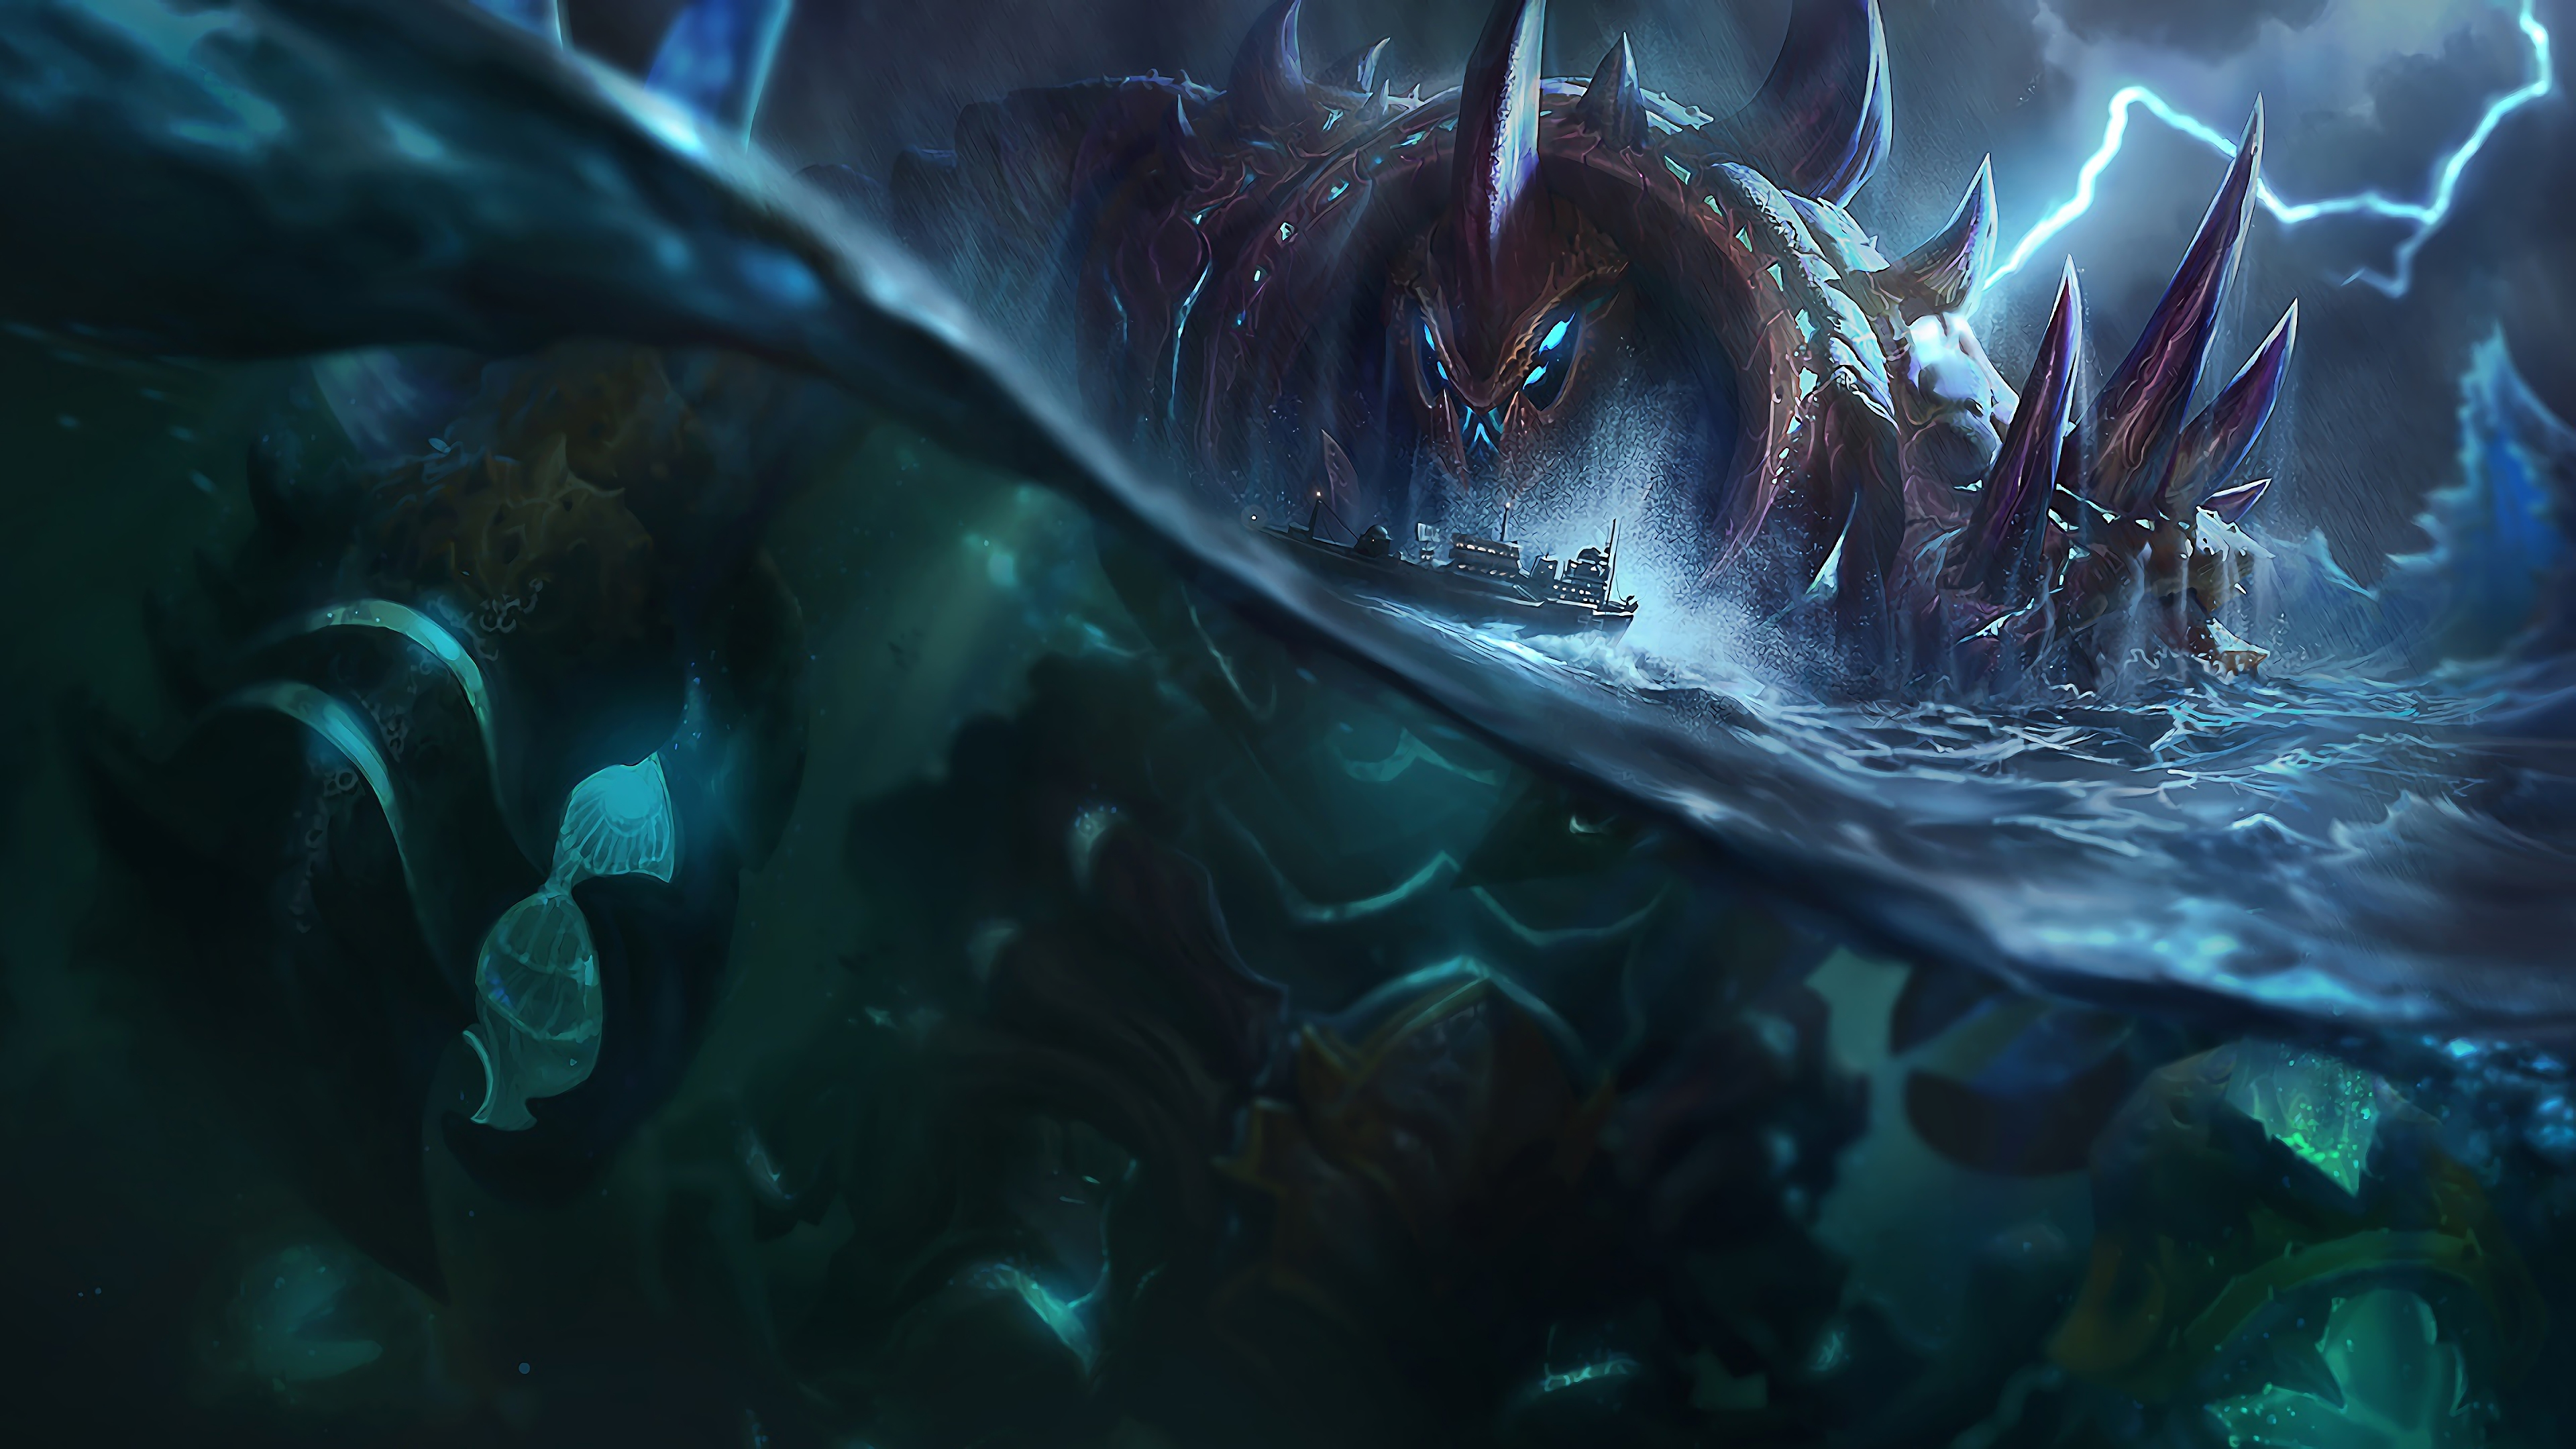 giant enemy crabgot urgot lol splash art league of legends lol 1574102700 - Giant Enemy Crabgot Urgot LoL Splash Art League of Legends lol - Urgot, league of legends